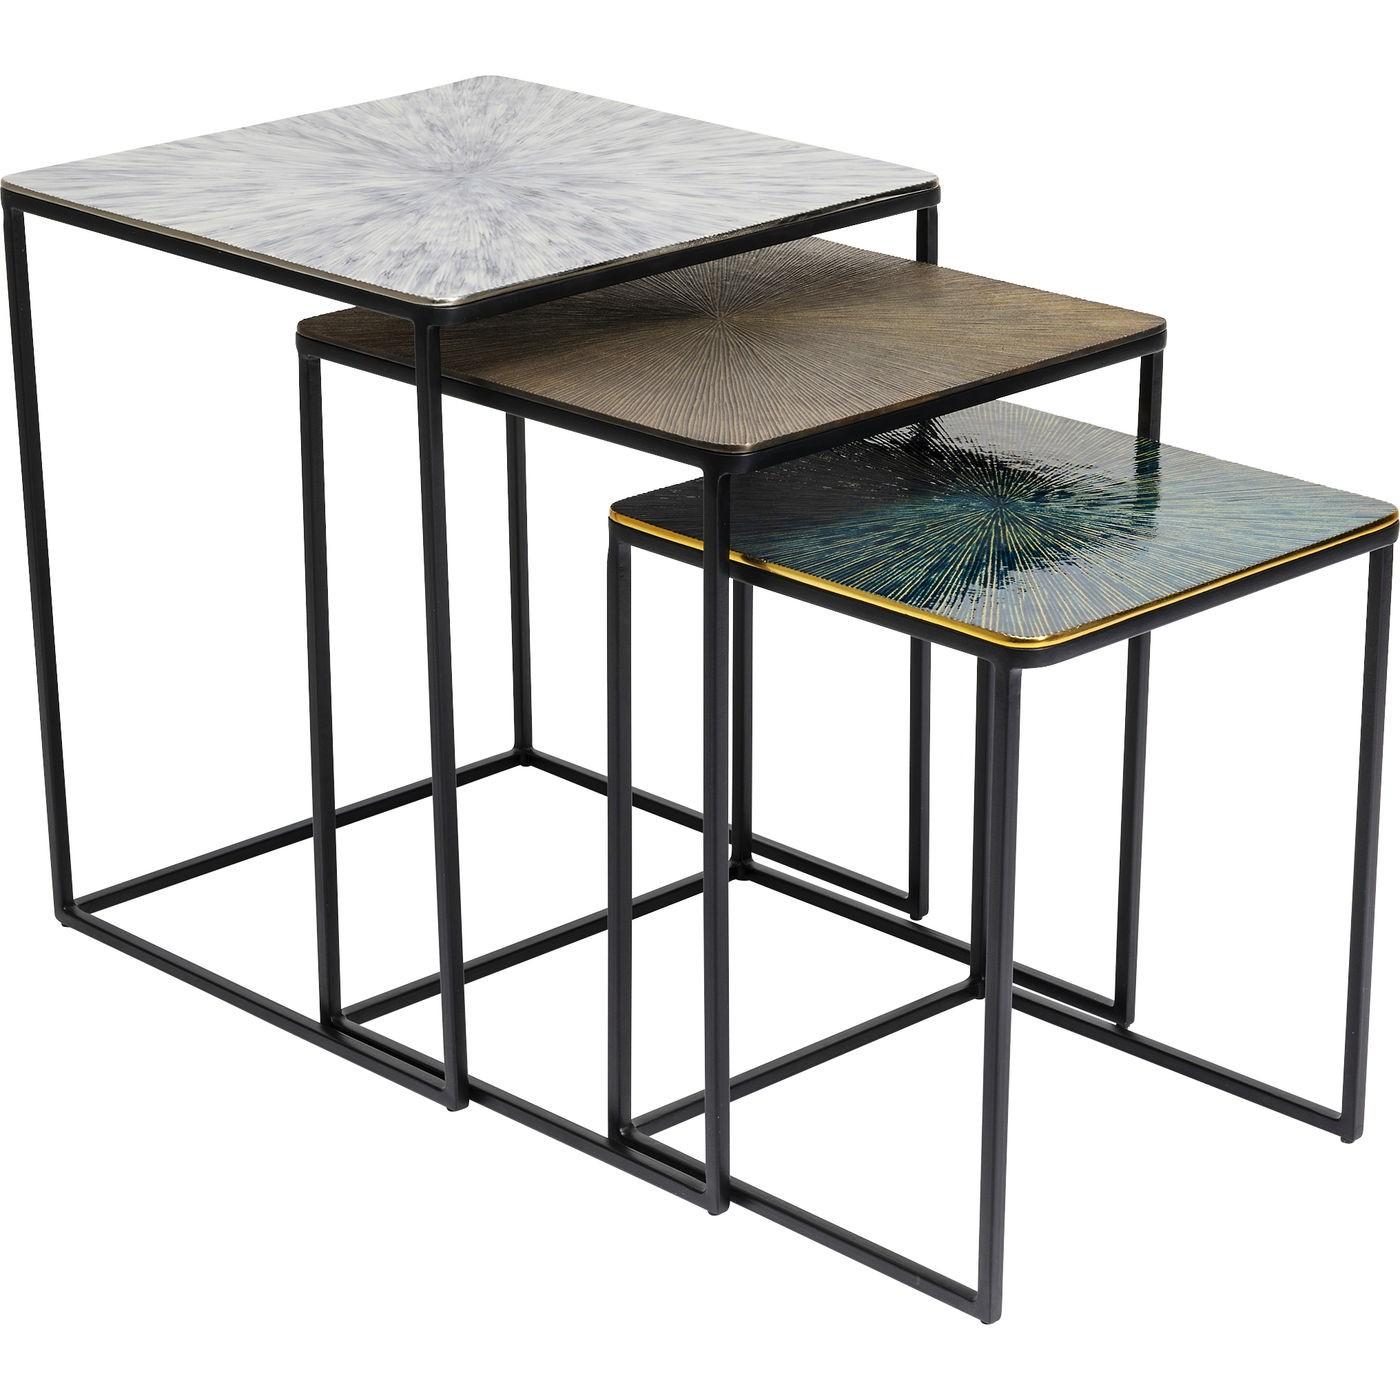 3 tables d'appoint gigognes en acier et aluminium